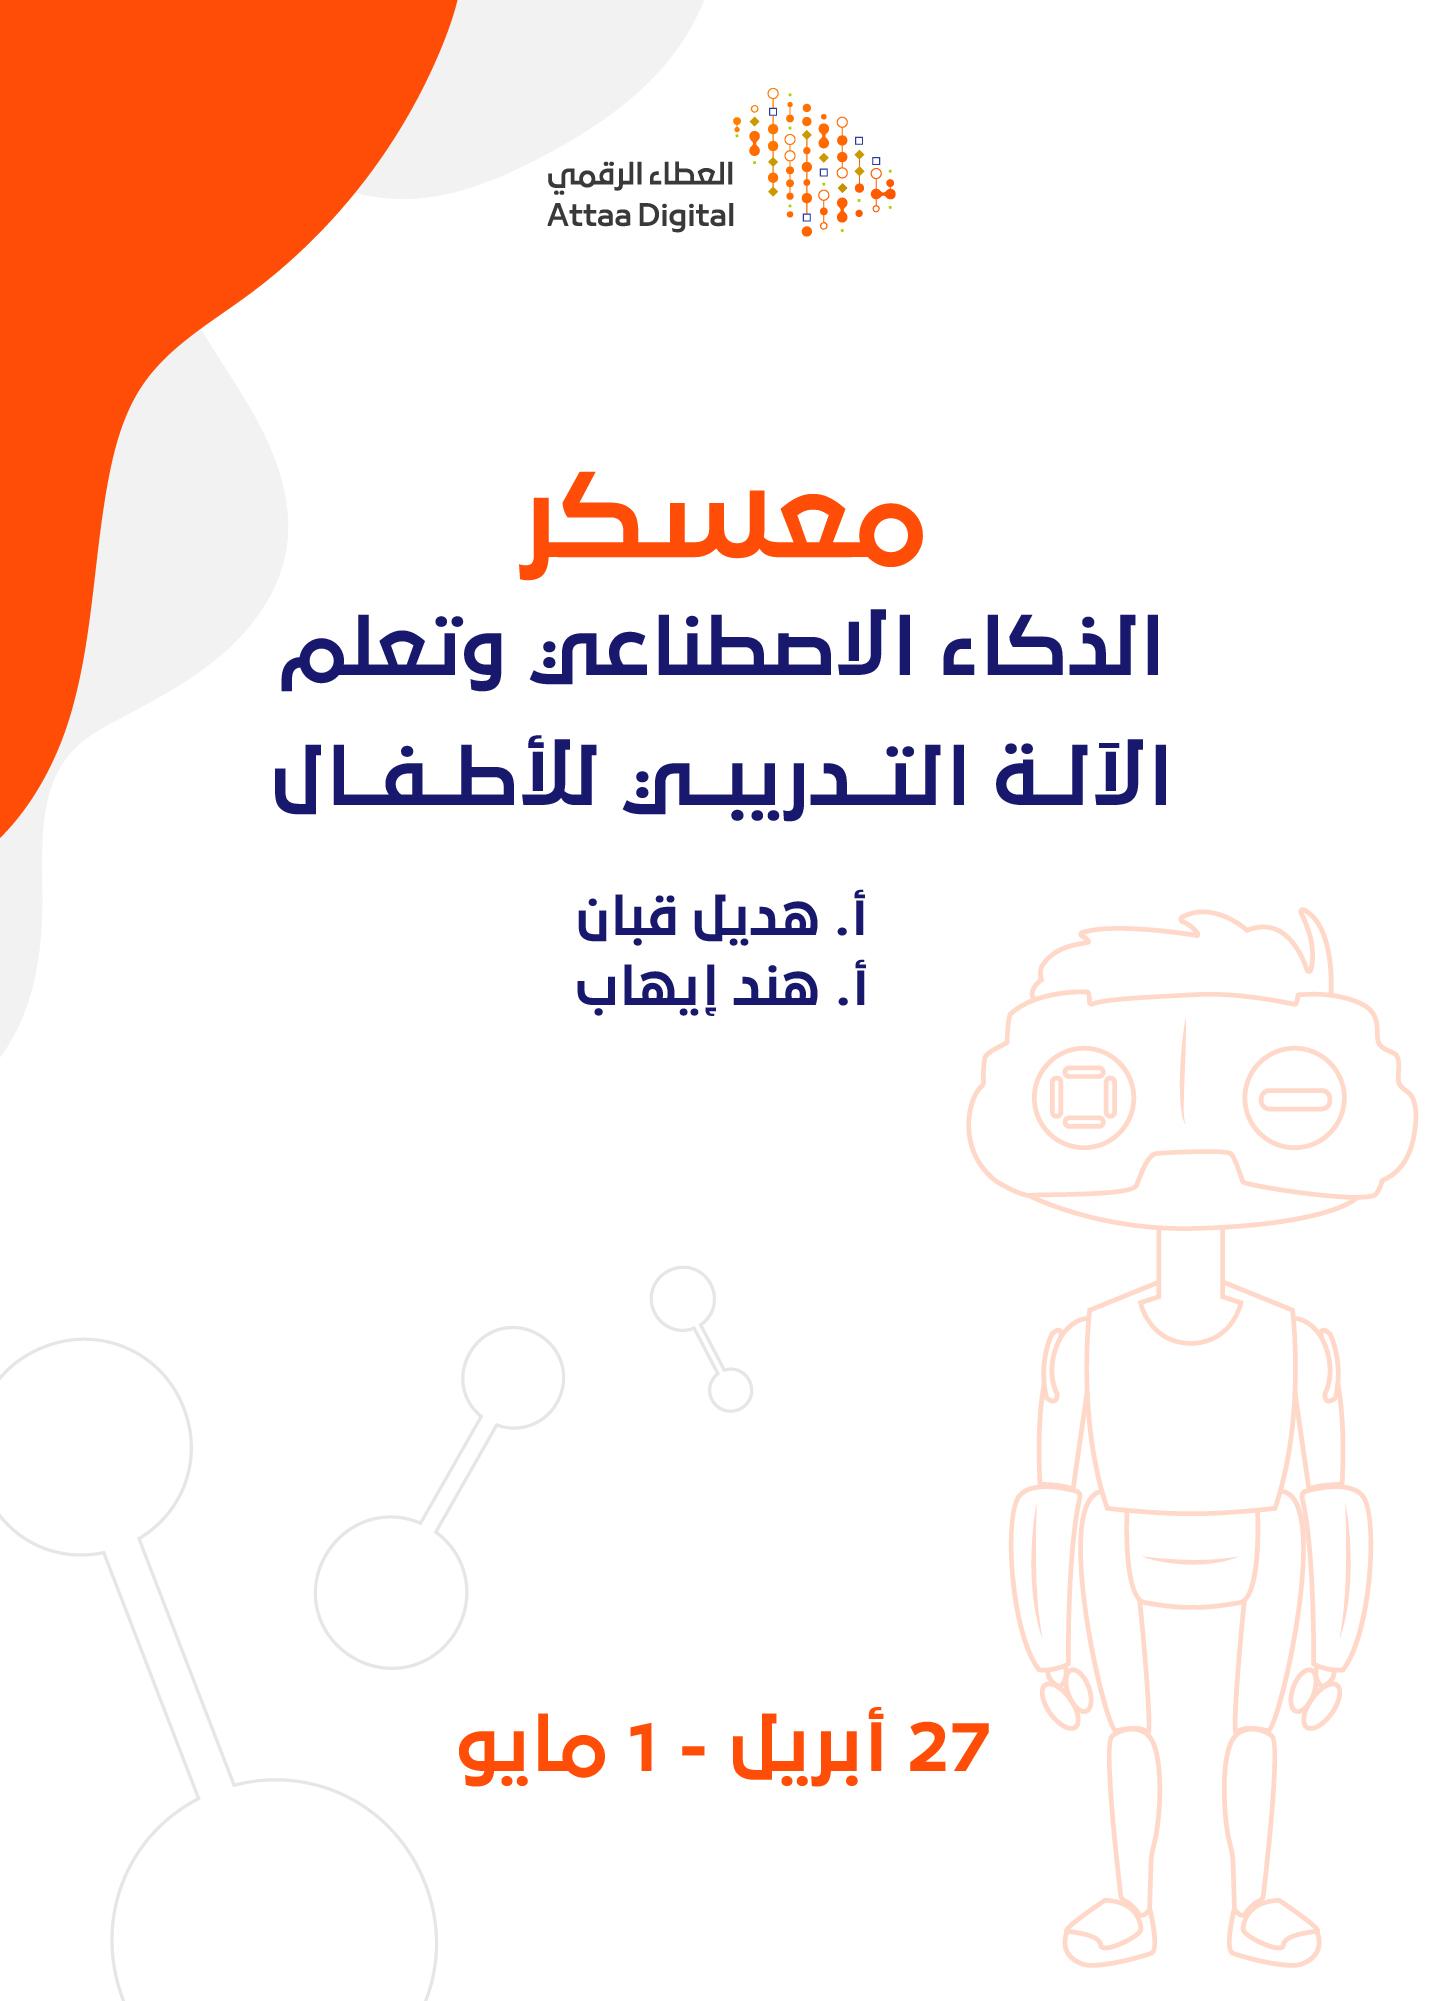 معسكر الذكاء الاصطناعي وتعلم الآلة التدريبي للأطفال